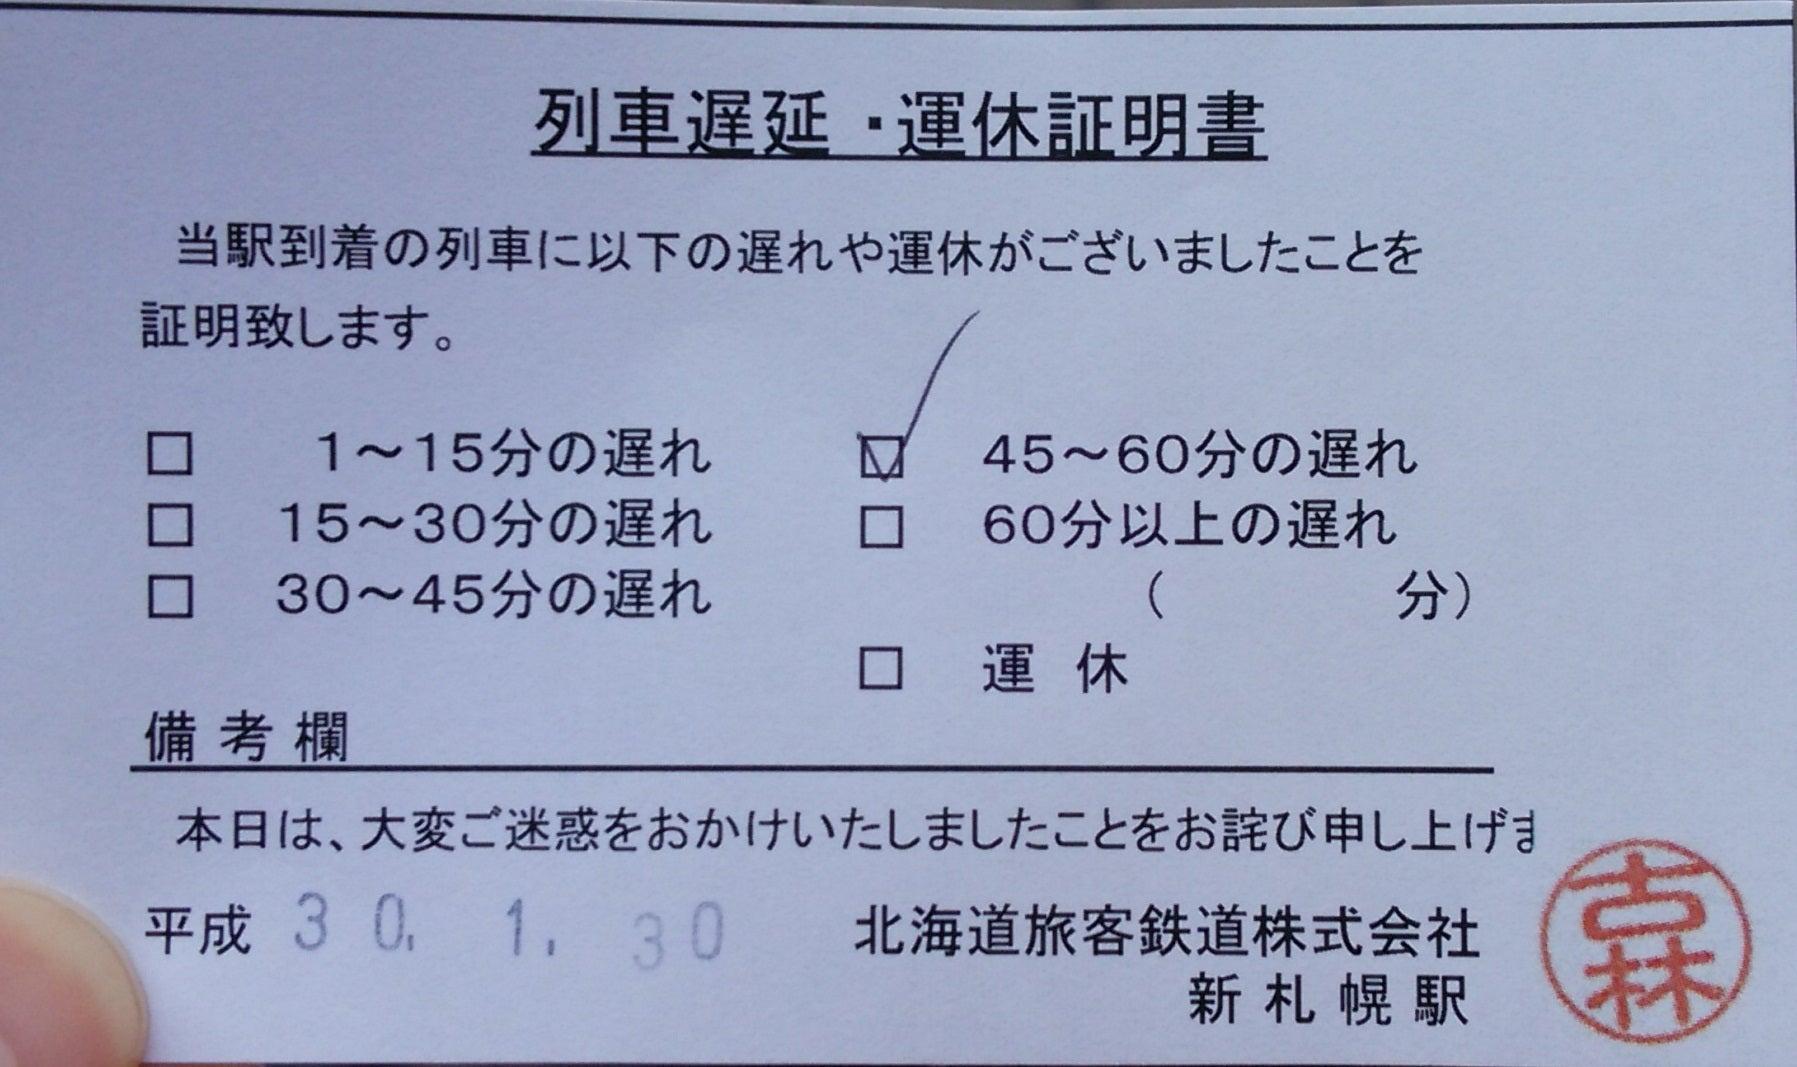 北海道 遅延 jr